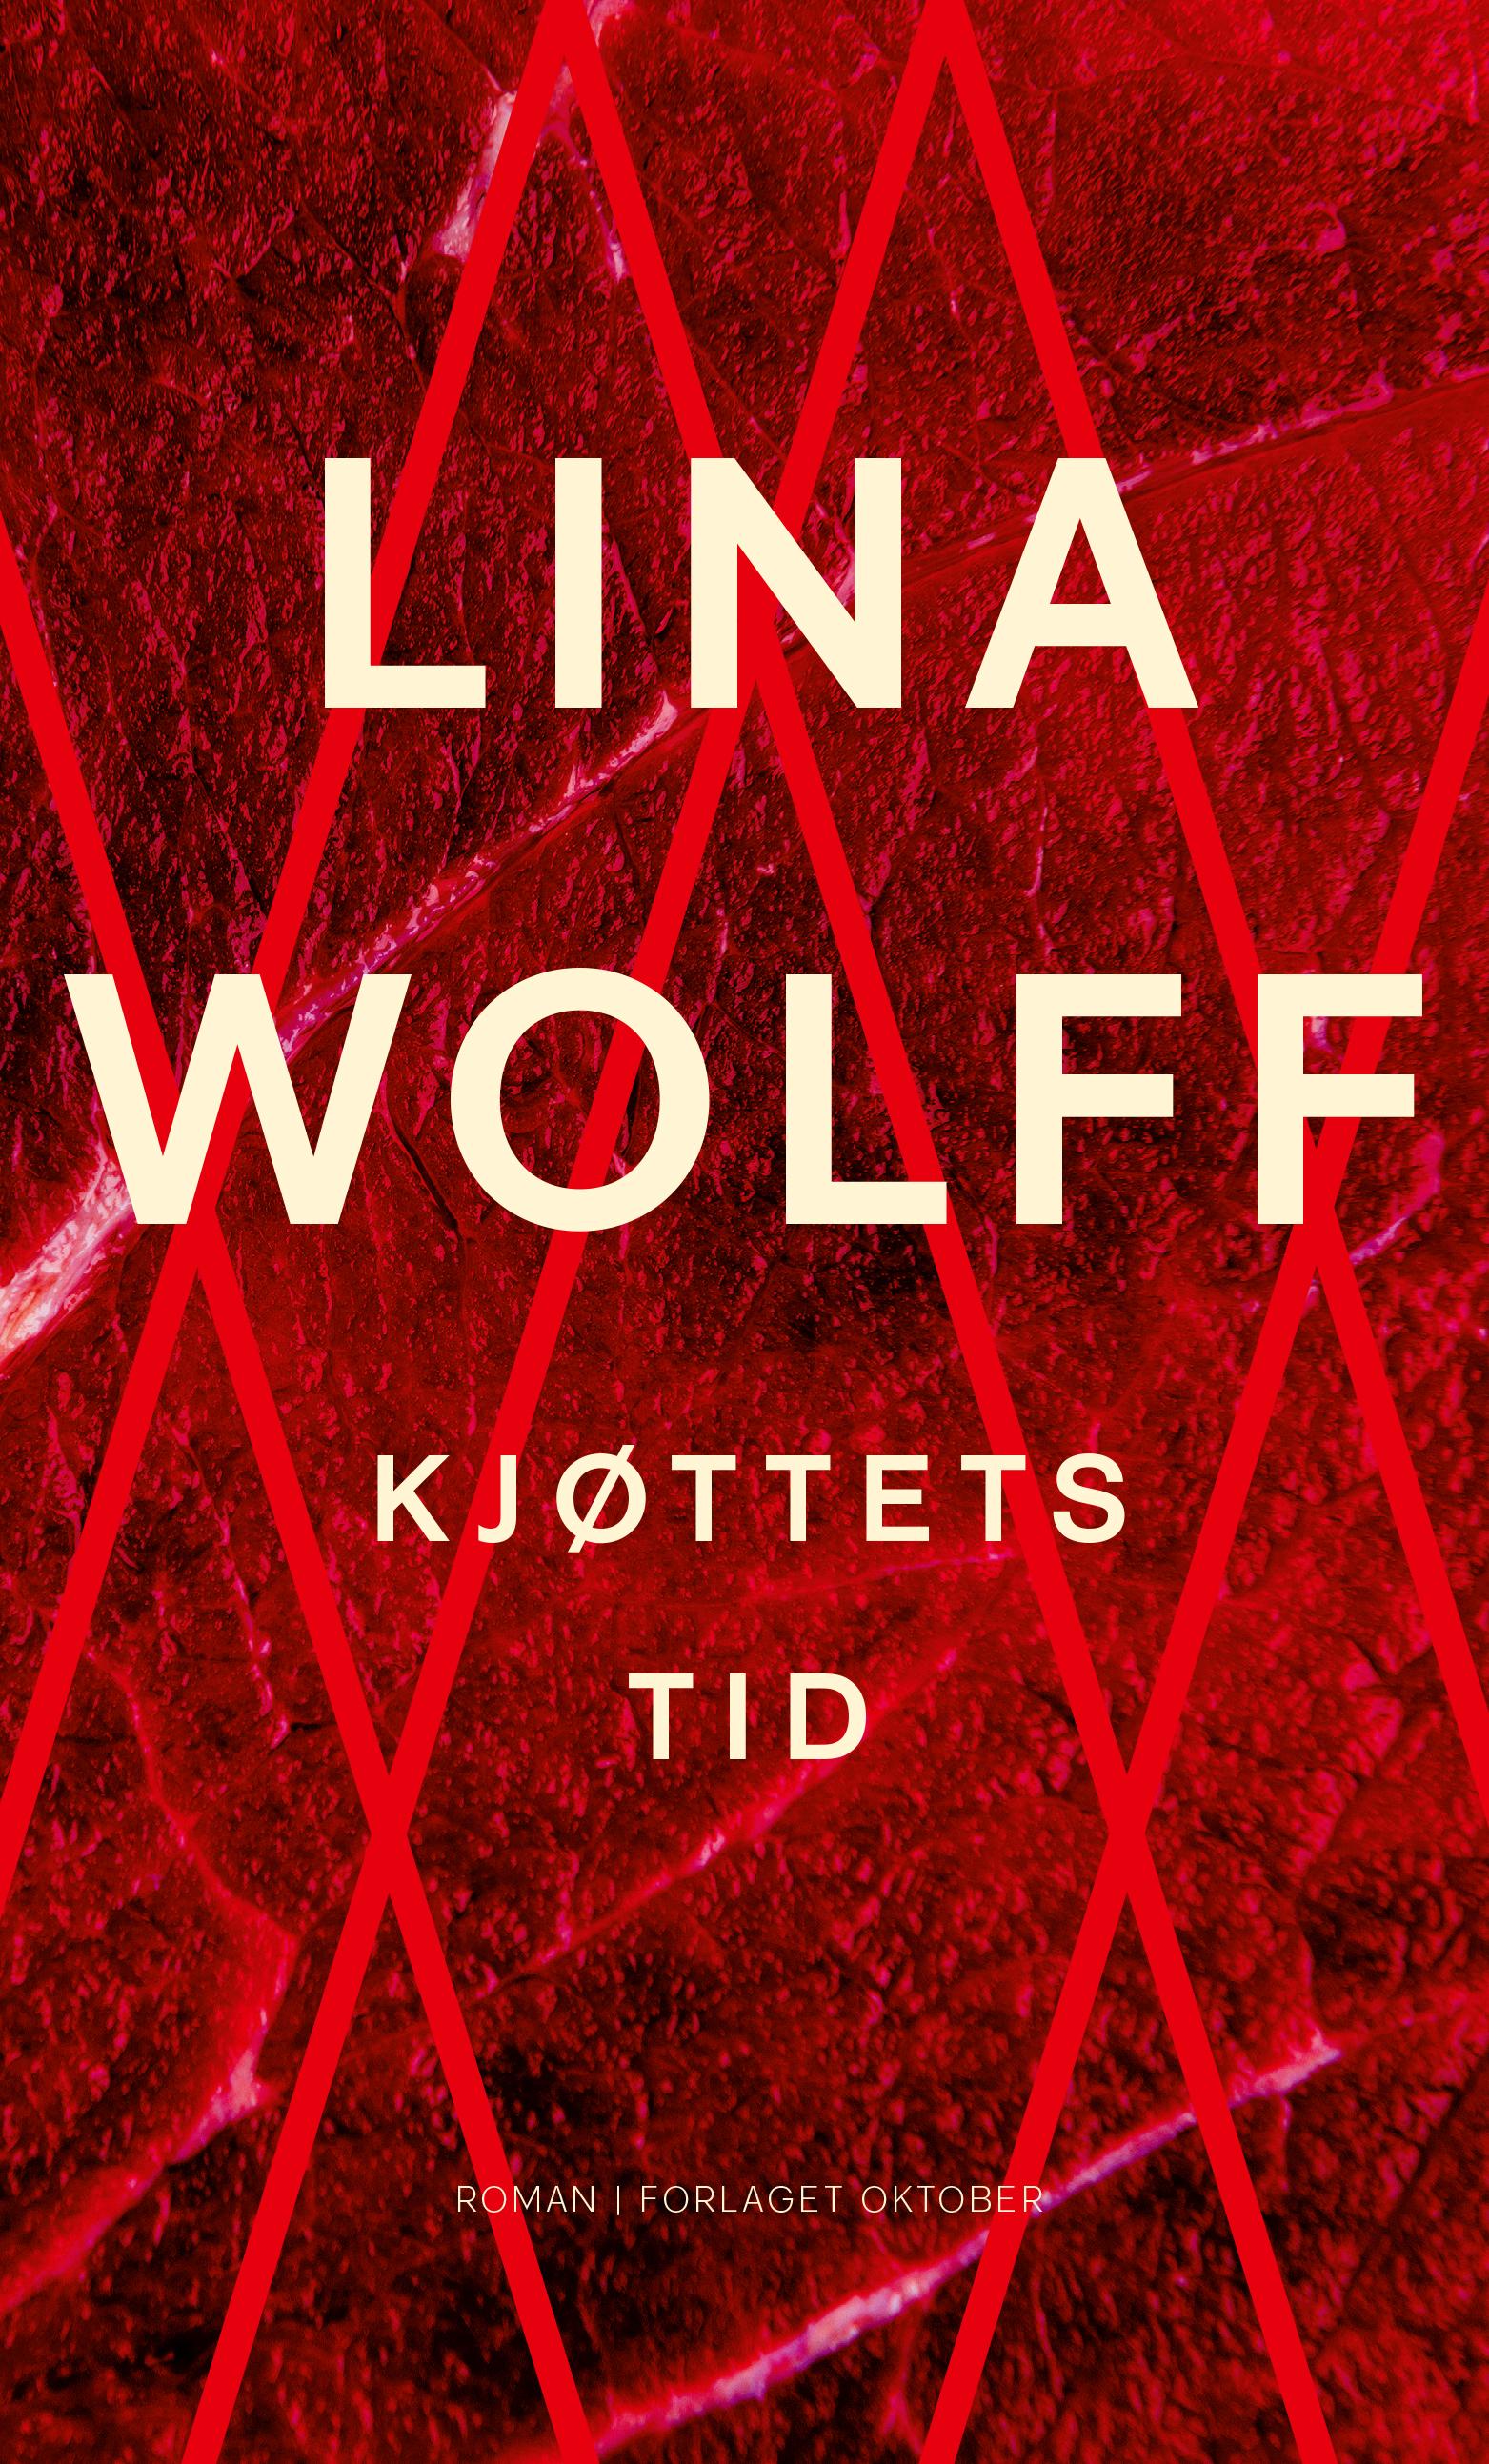 Lina Wolff. Kjøttets tid